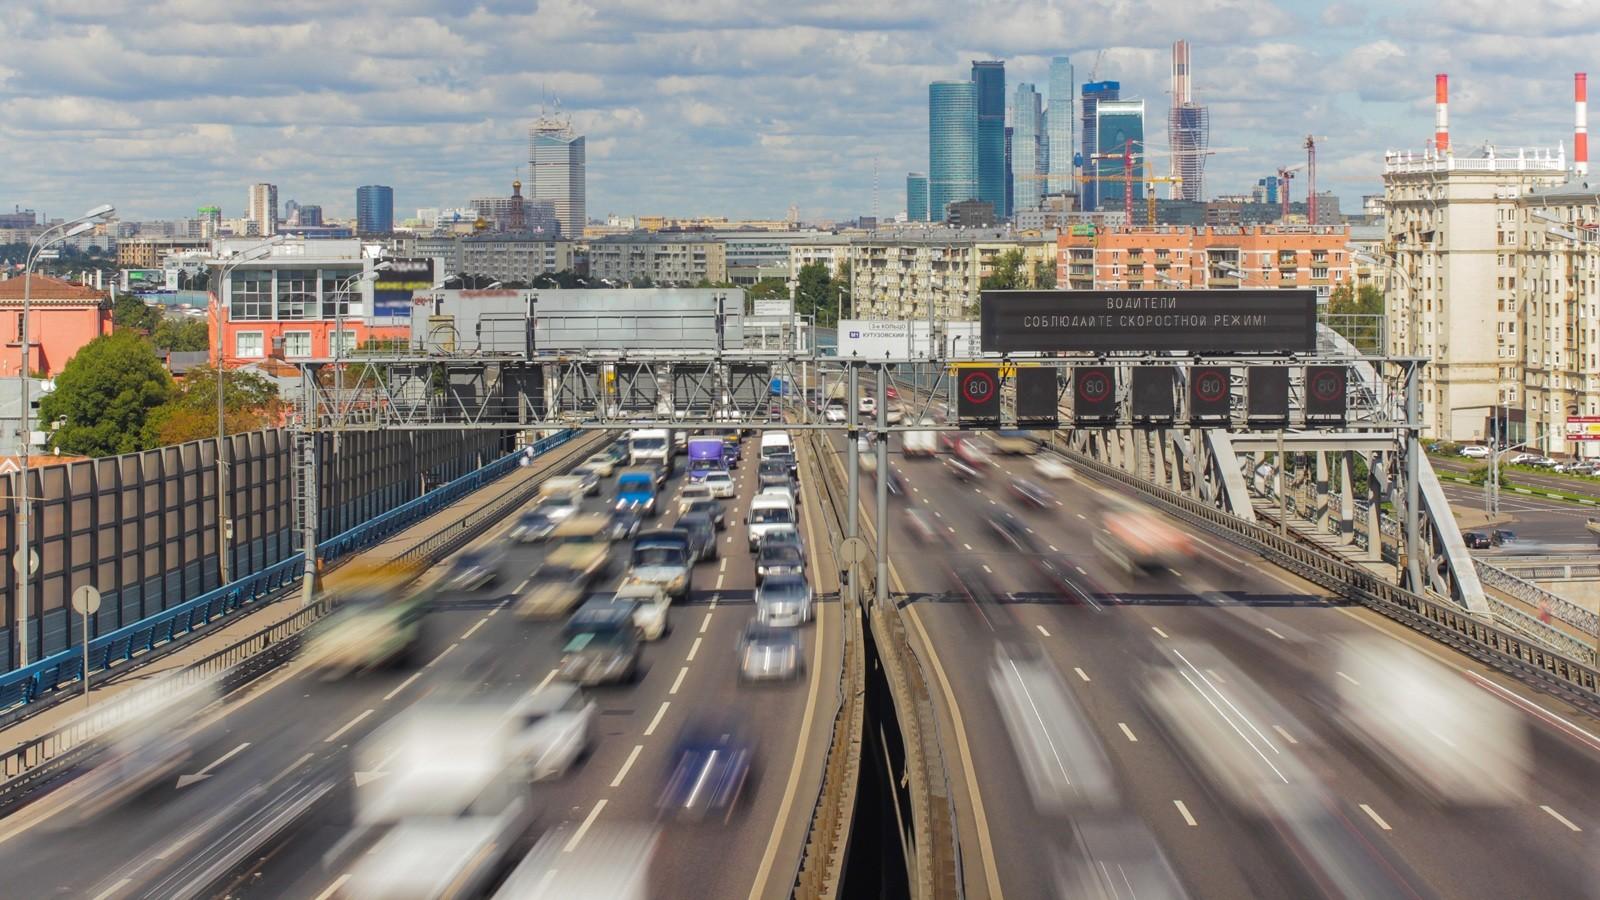 Дорожные камеры помогли собрать снарушителей 500 млн руб.